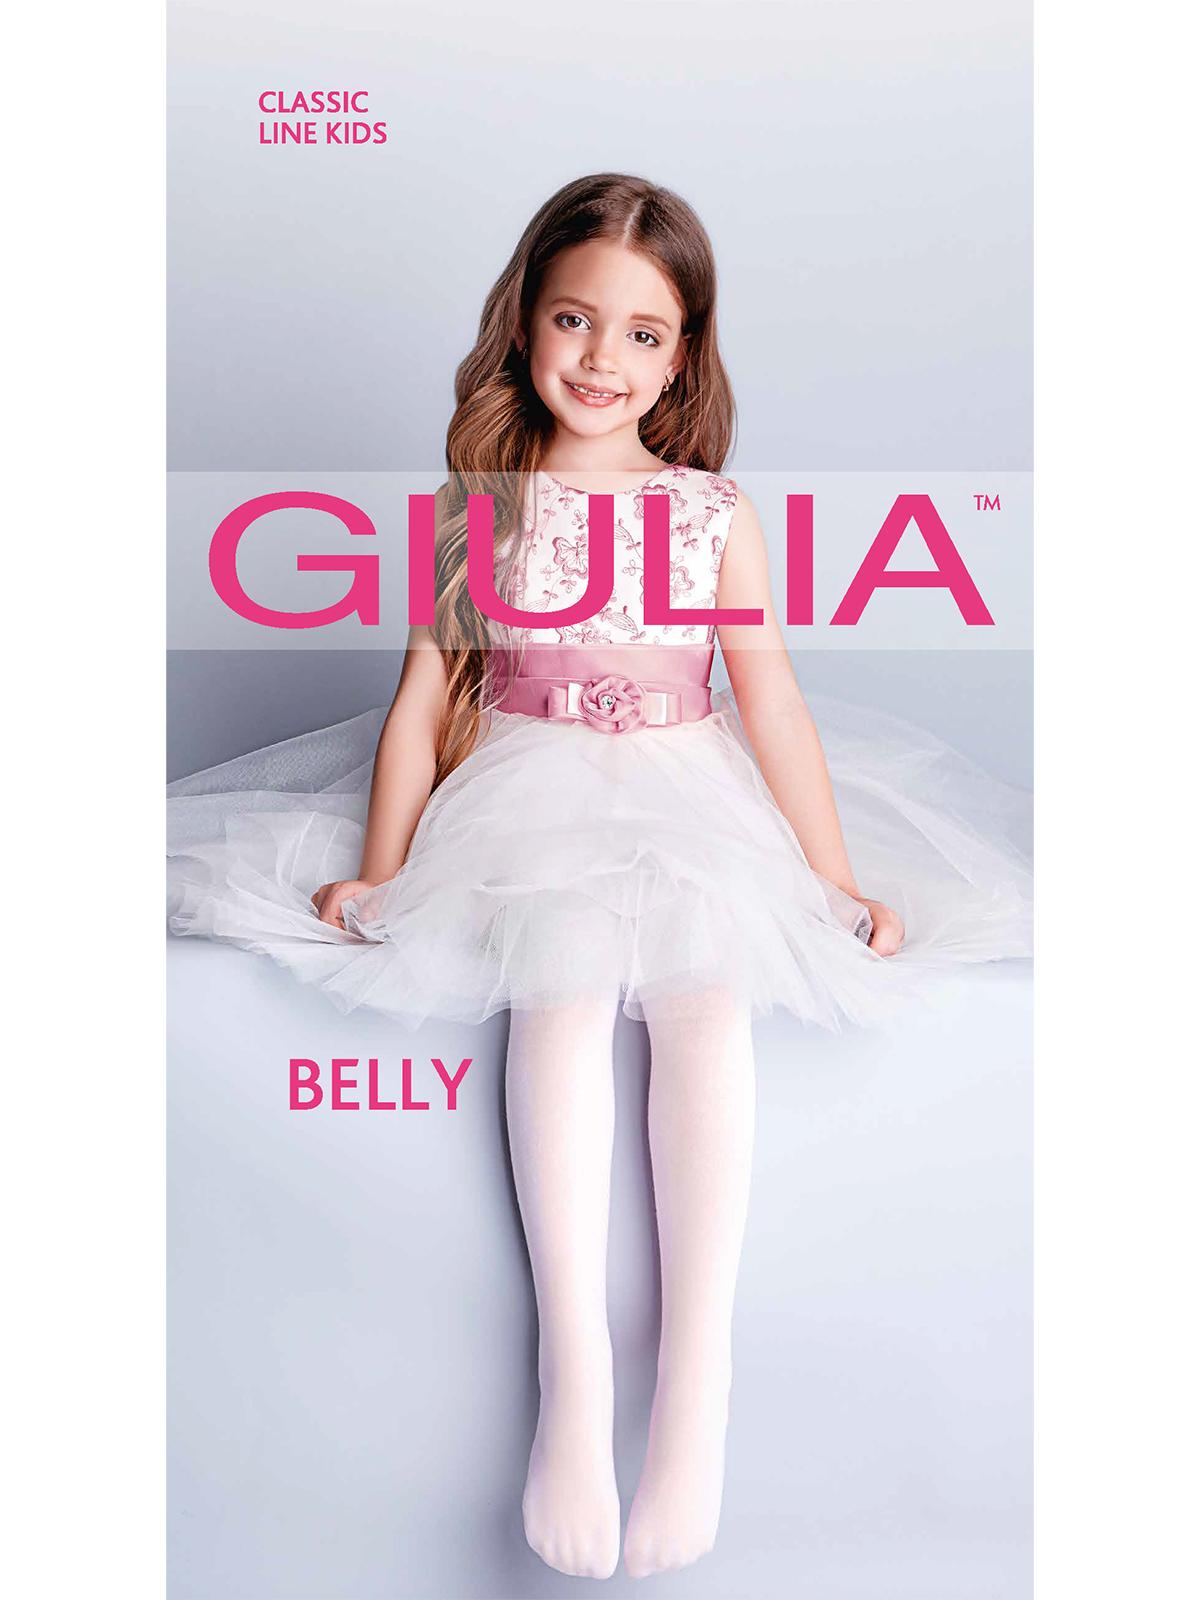 GIULIA BELLY40